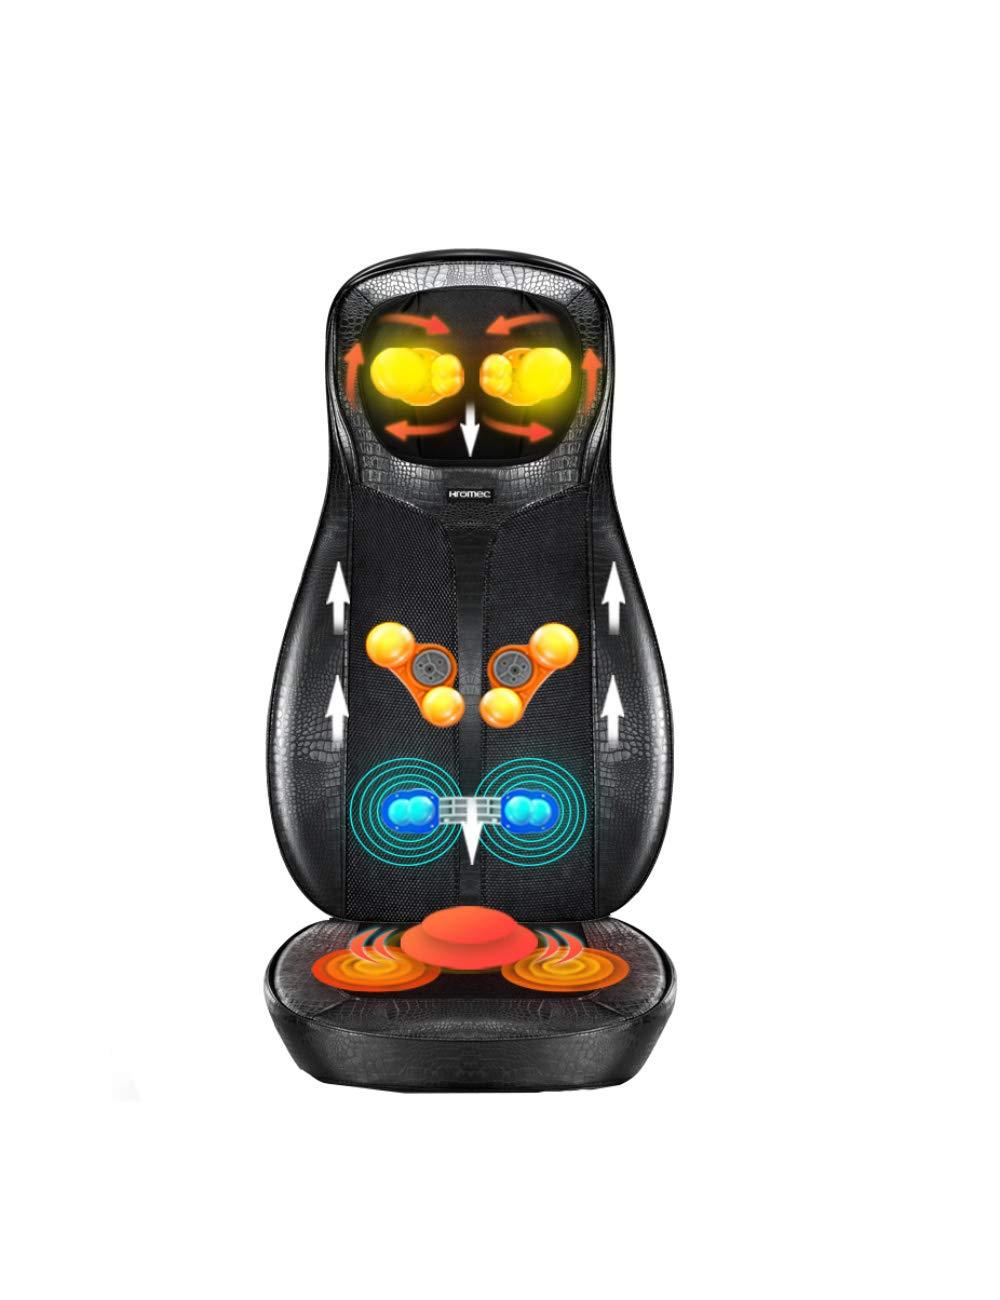 首と背中のマッサージ指圧マッサージクッション、電気フルボディマッサージクッション、深い混練、ローリング、振動、家庭での分割デザイン、オフィスでの使用 (色 : 黒)  黒 B07JVB5VX5